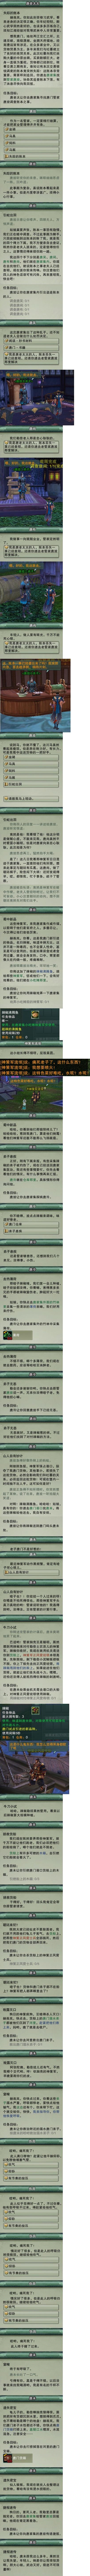 主线任务03 - 追查账本 + 惩治神策.jpg